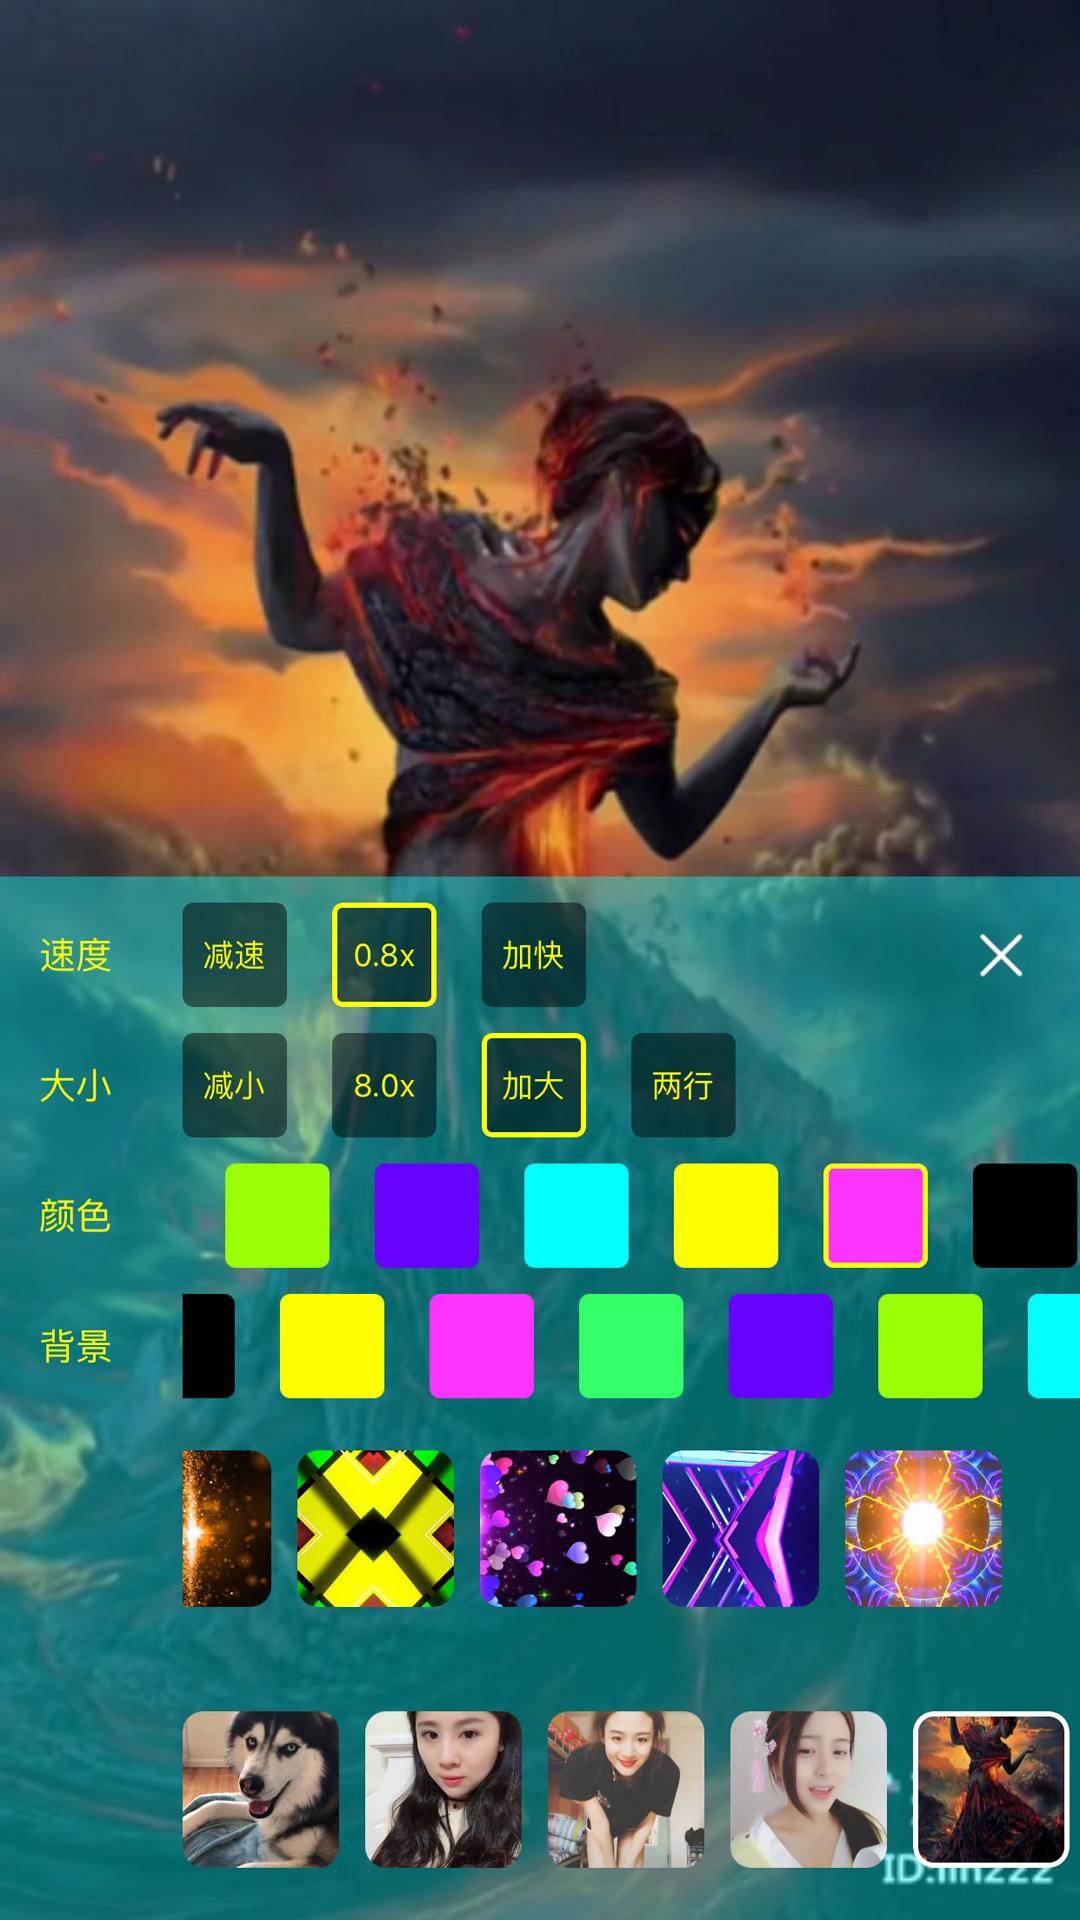 手持弹幕led显示屏V1.4 安卓版